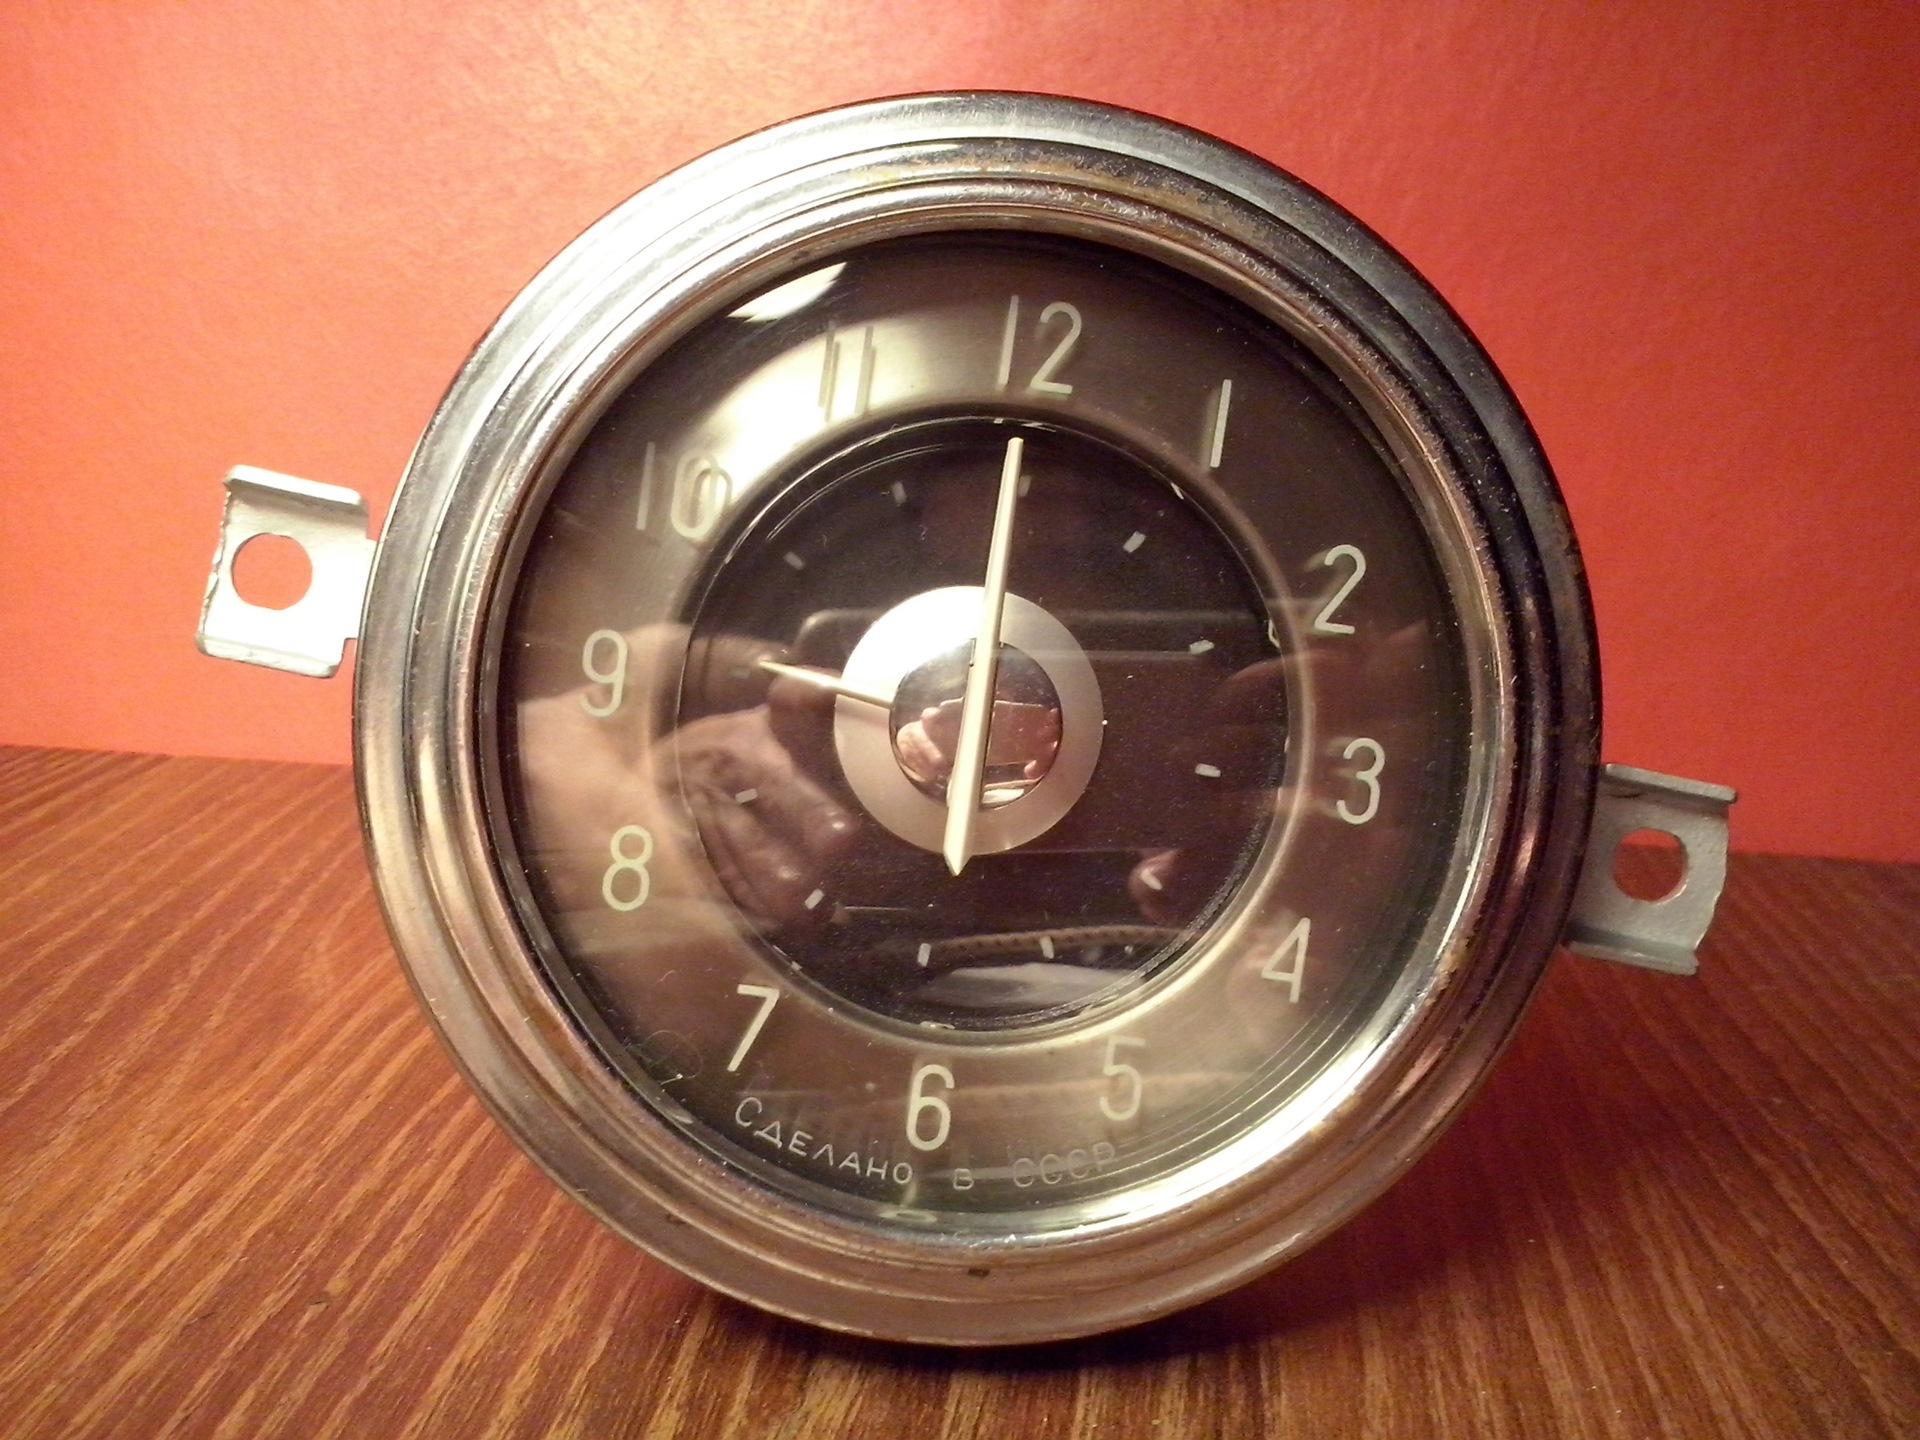 Волги продам часы от радо jubile часов оригинал стоимость